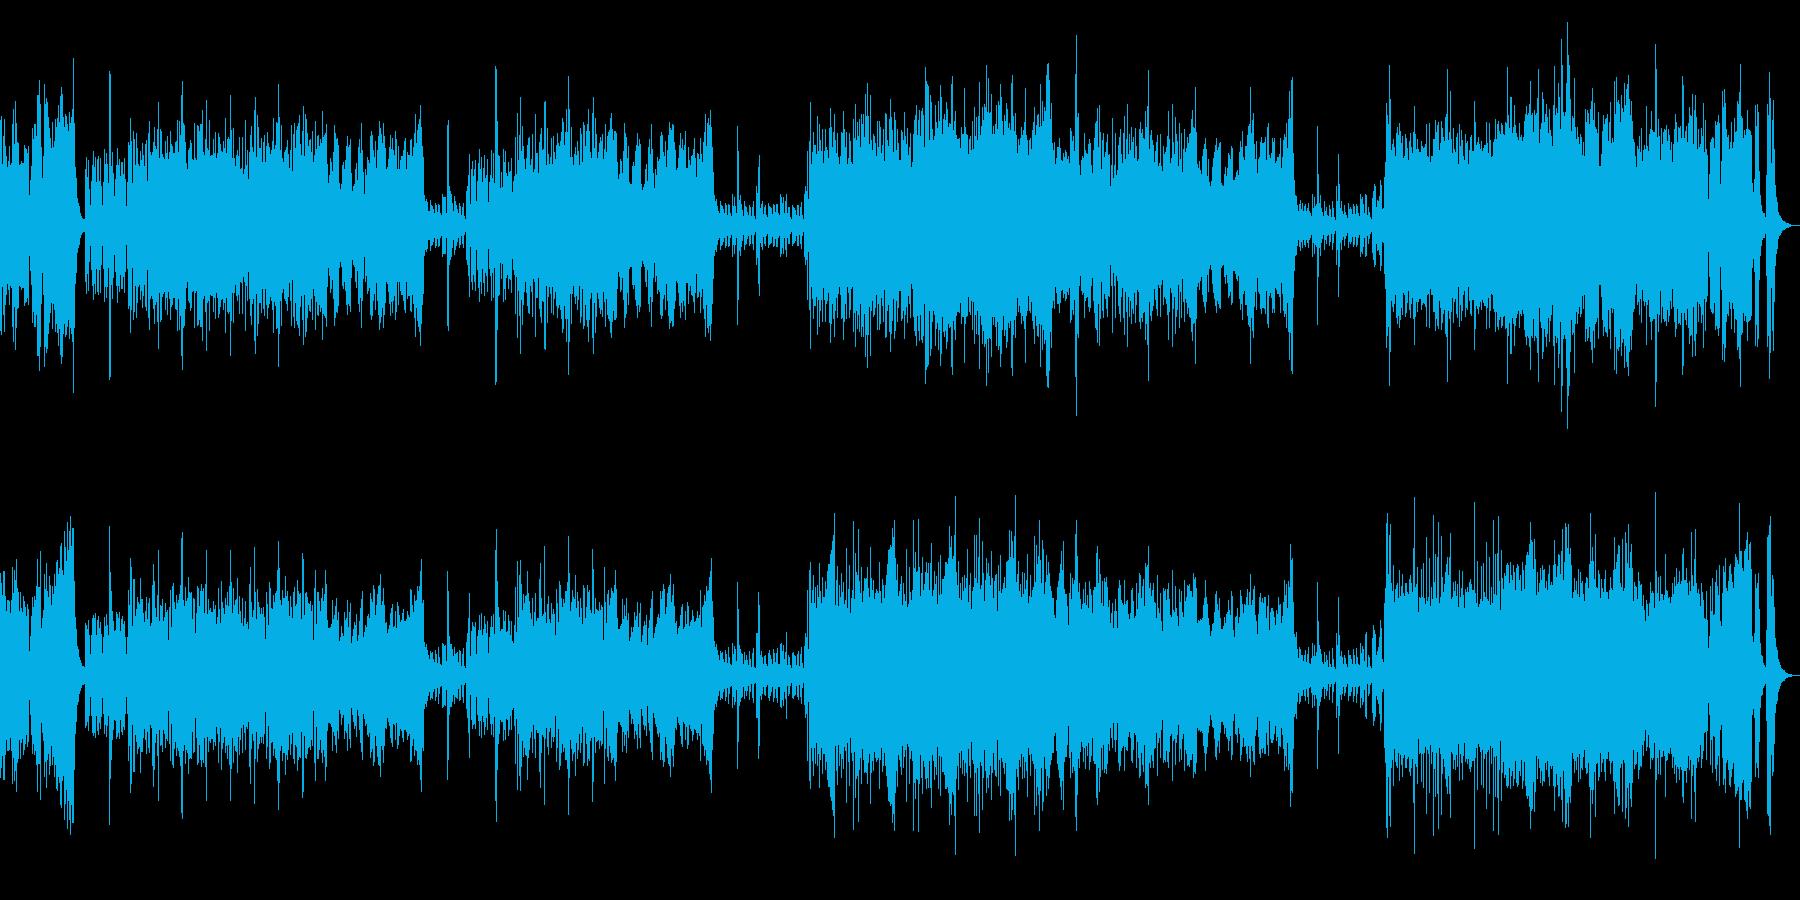 本格的オーケストラOPの再生済みの波形